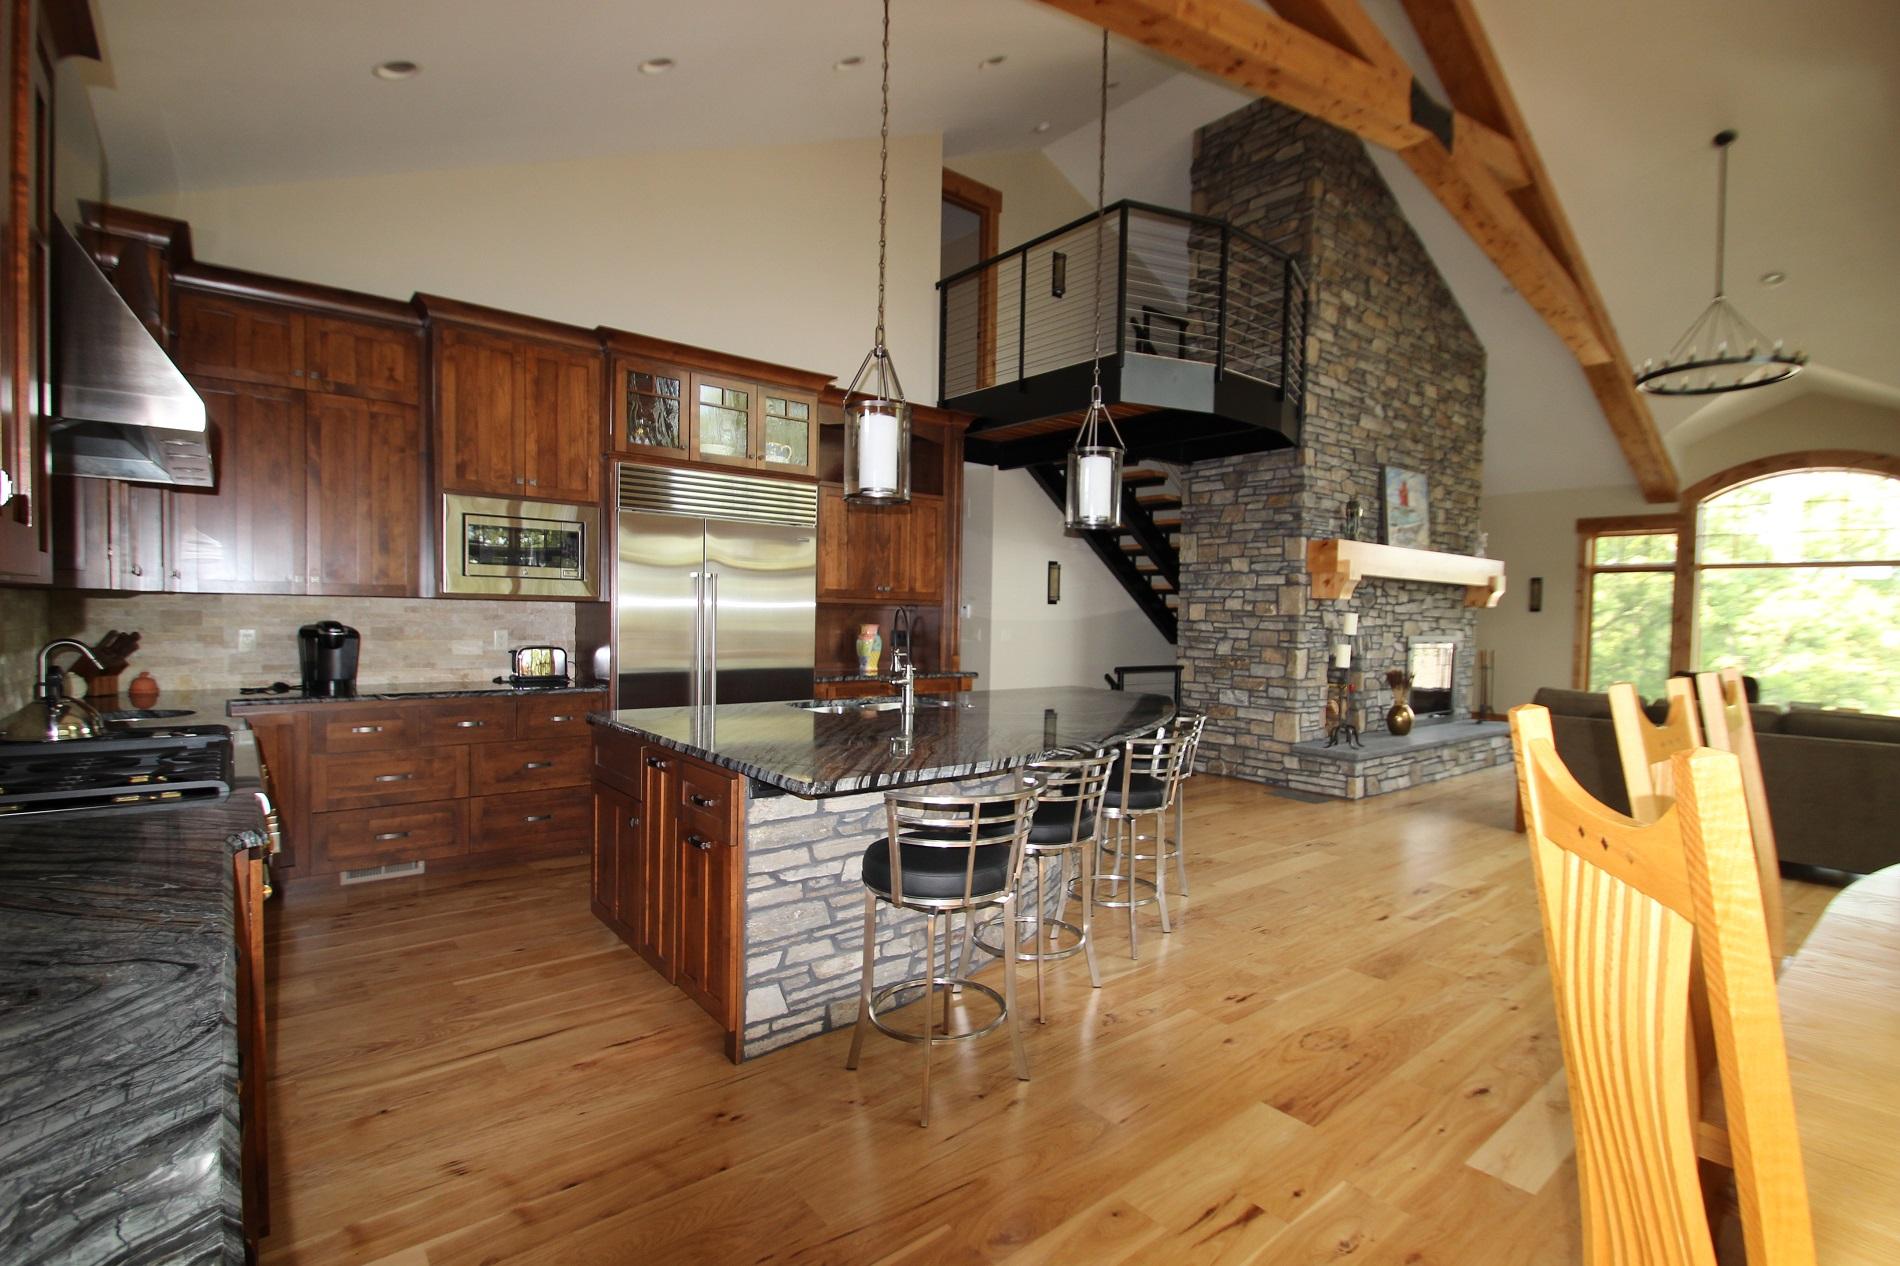 Davnprt kitchen 2.jpg